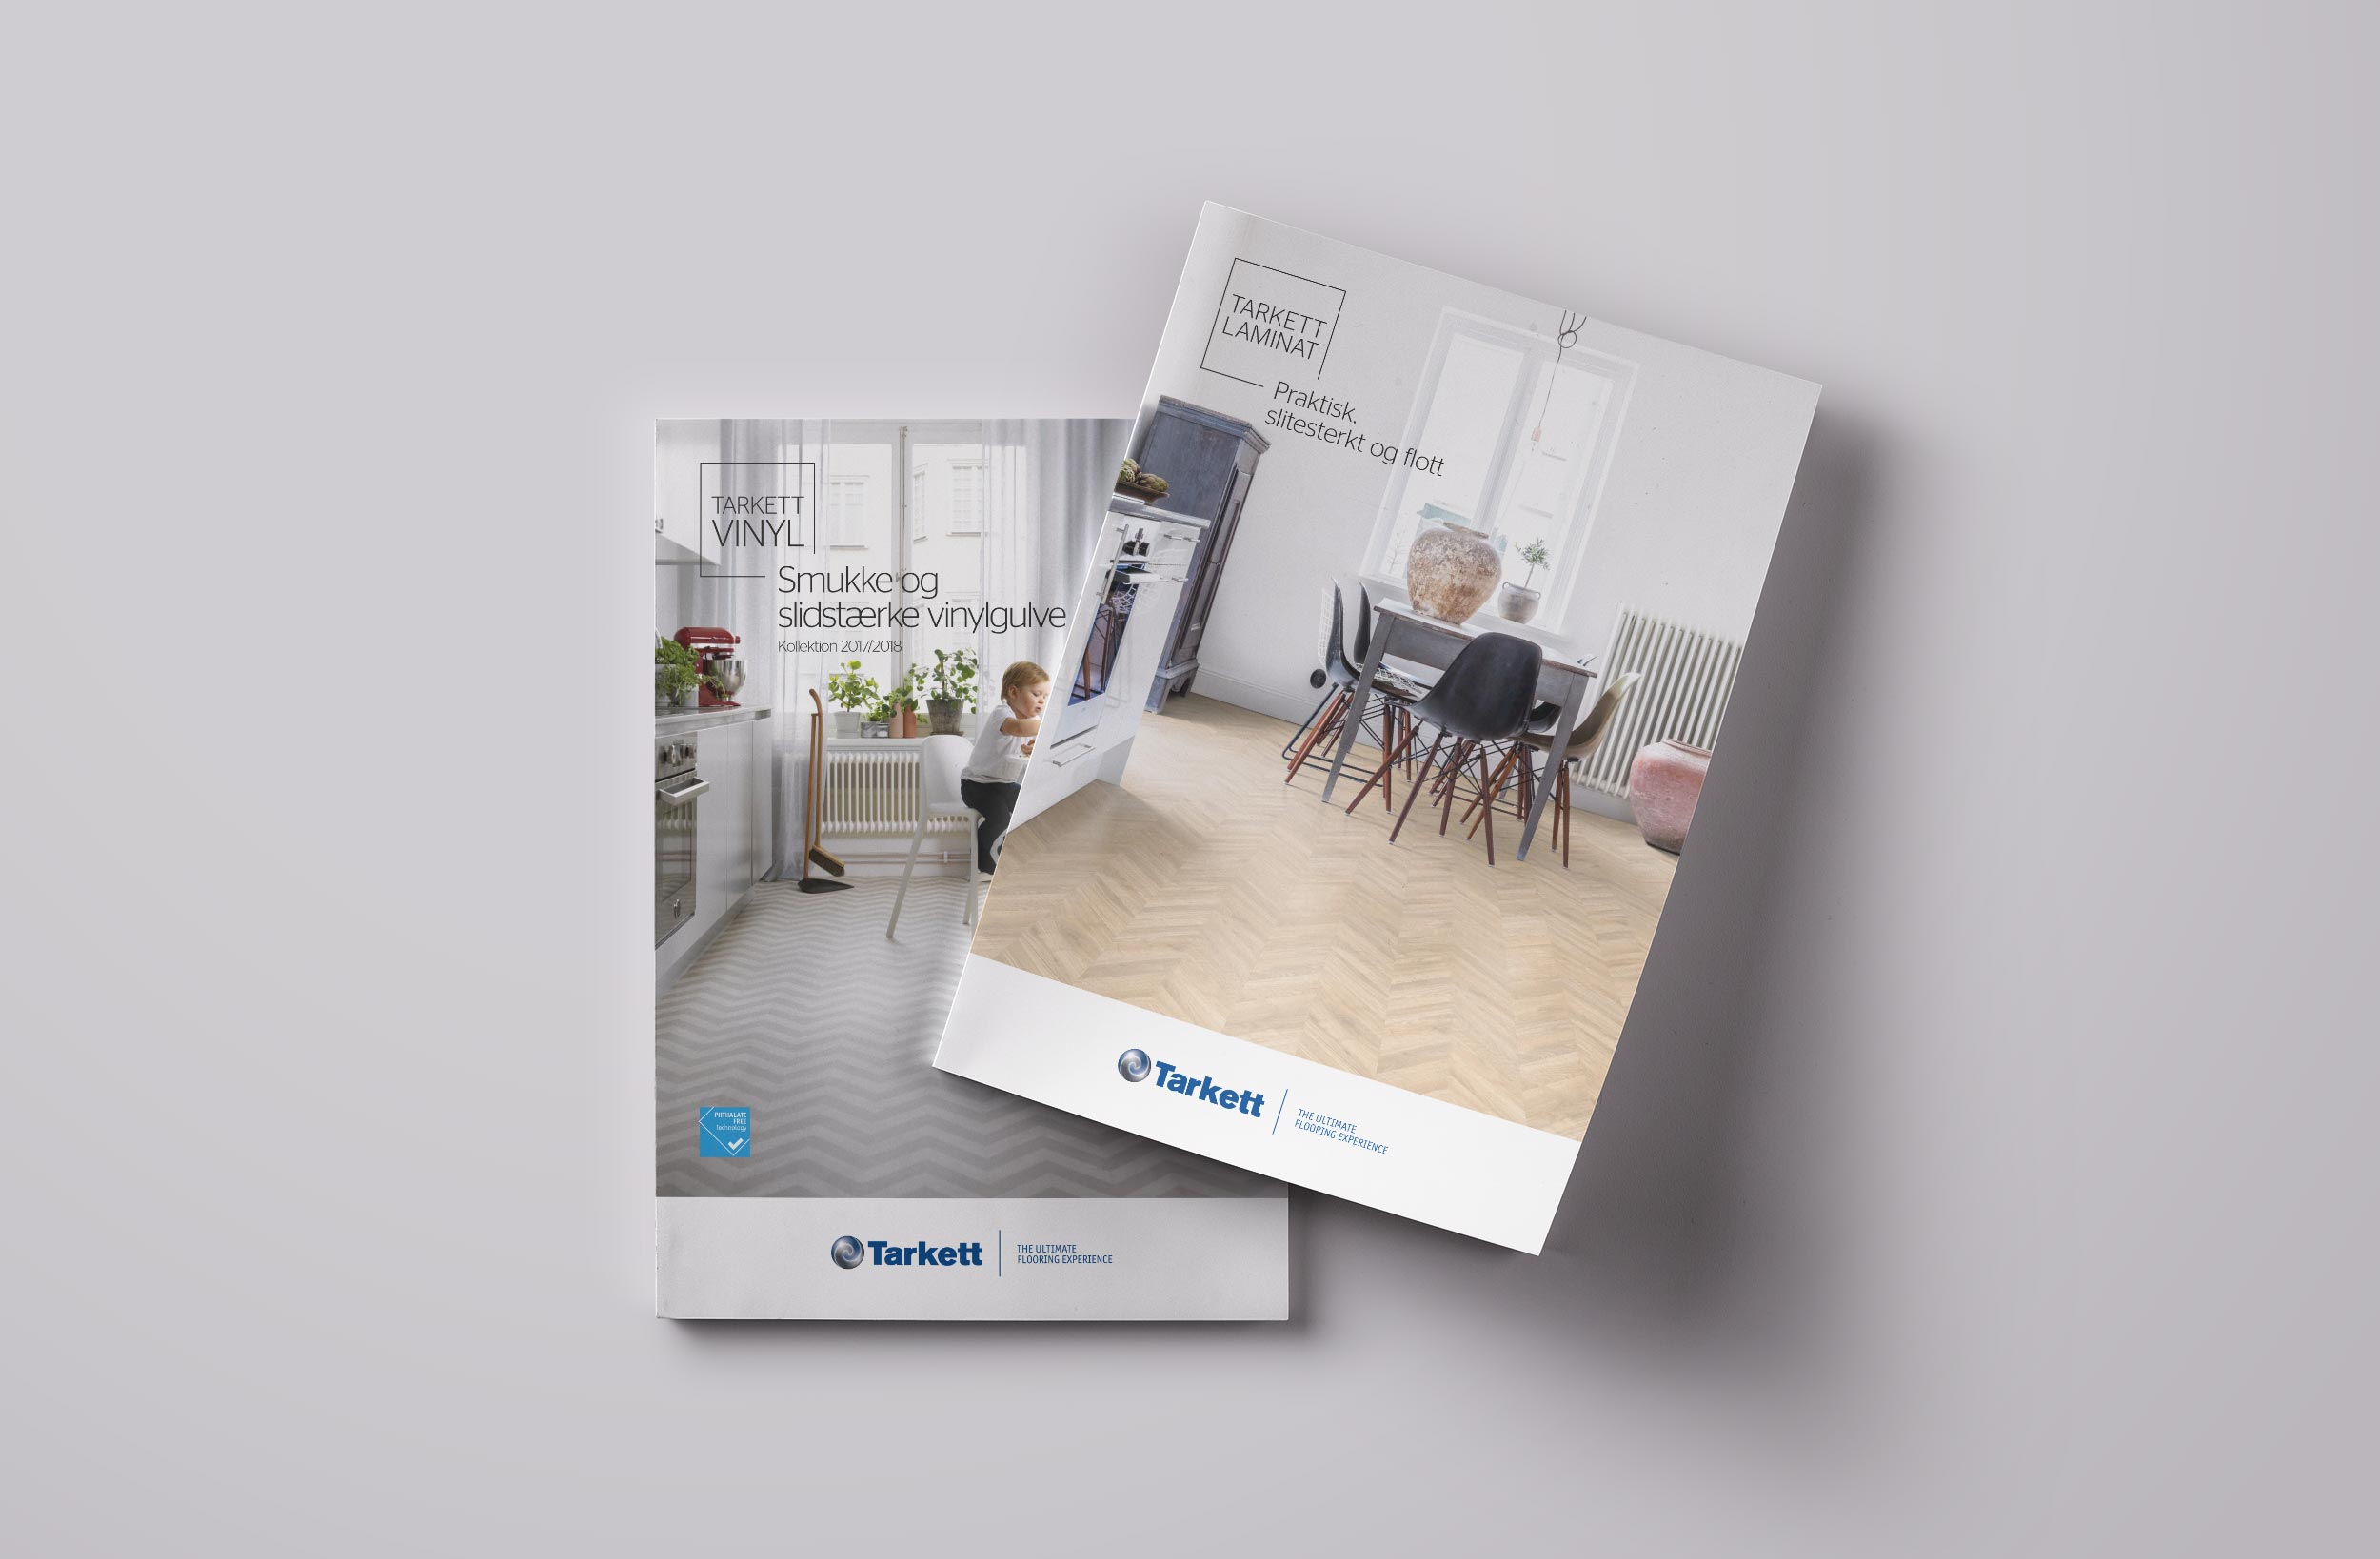 Tarkett broschyrer på 4 språk för nordiska marknaden